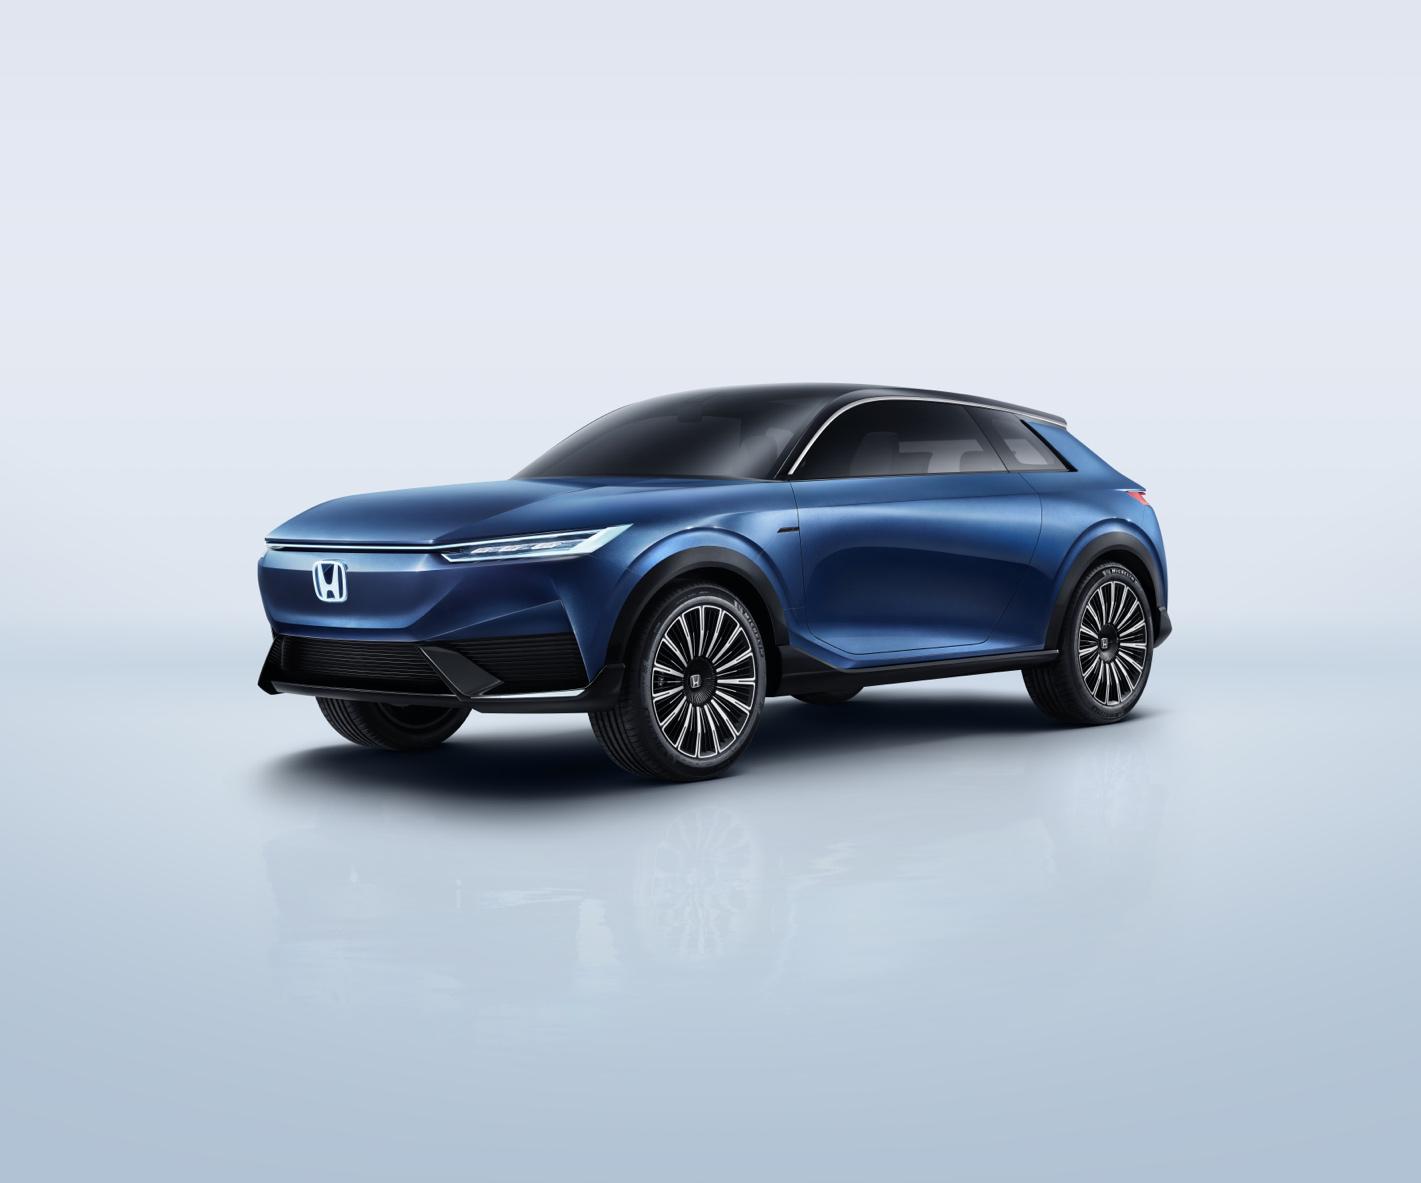 2020北京车展|本田纯电动概念车全球首发图片